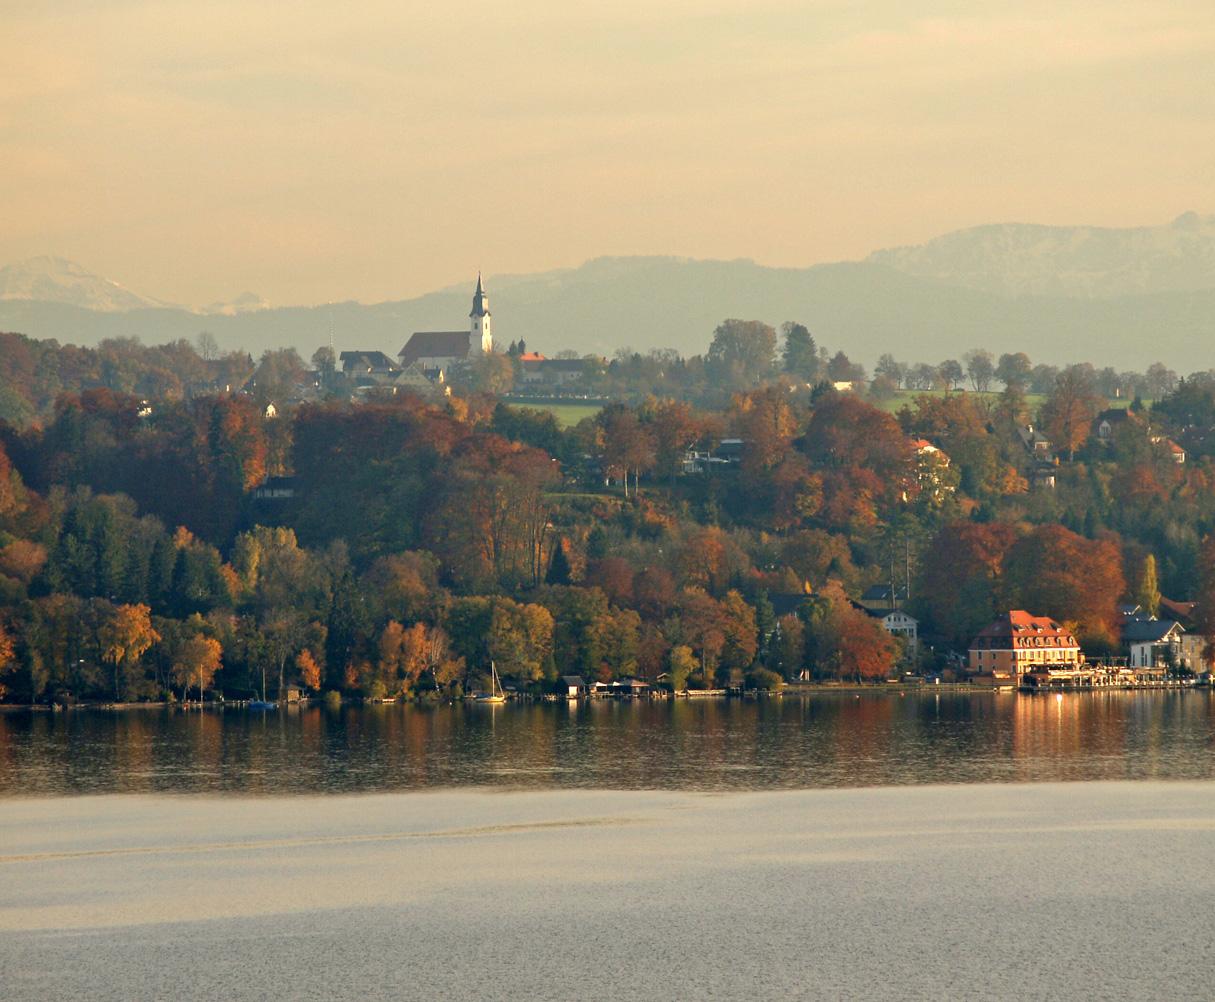 Blick nach Berg-Aufkirchen von der Süd-Ost-Seite des Starnberger Sees